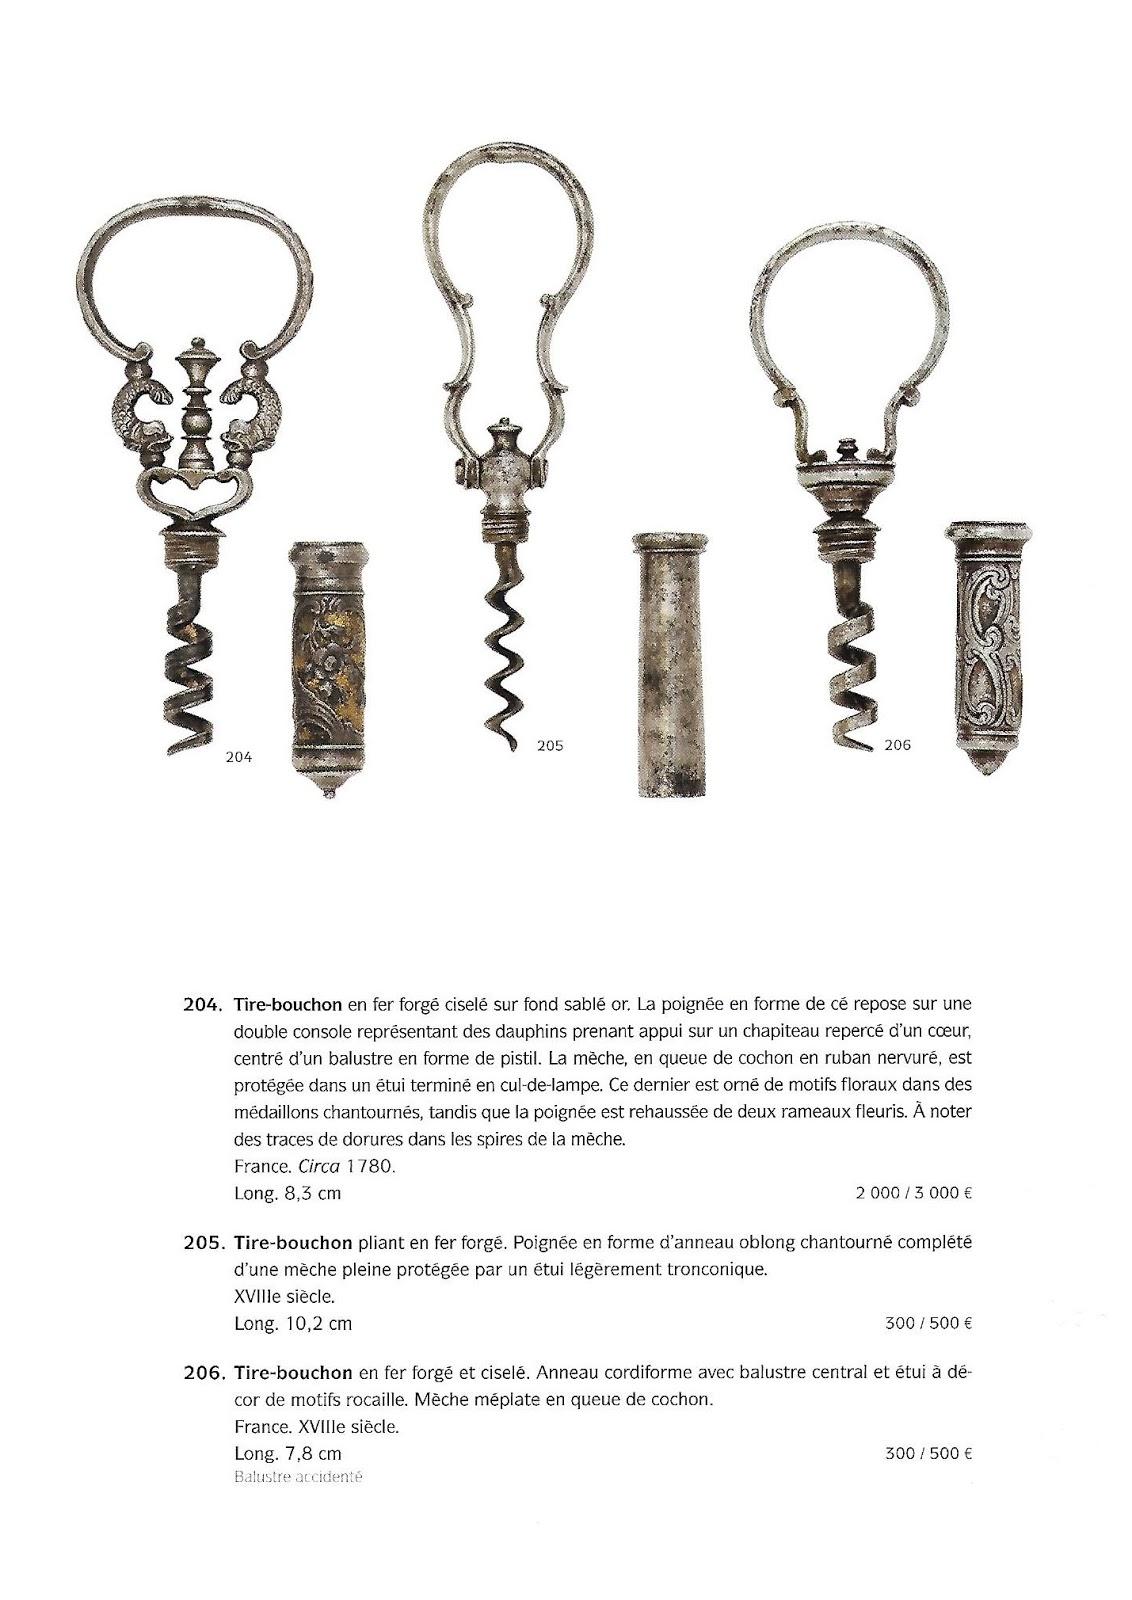 Le principe du tire-bouchon (DIVERS) (French Edition)